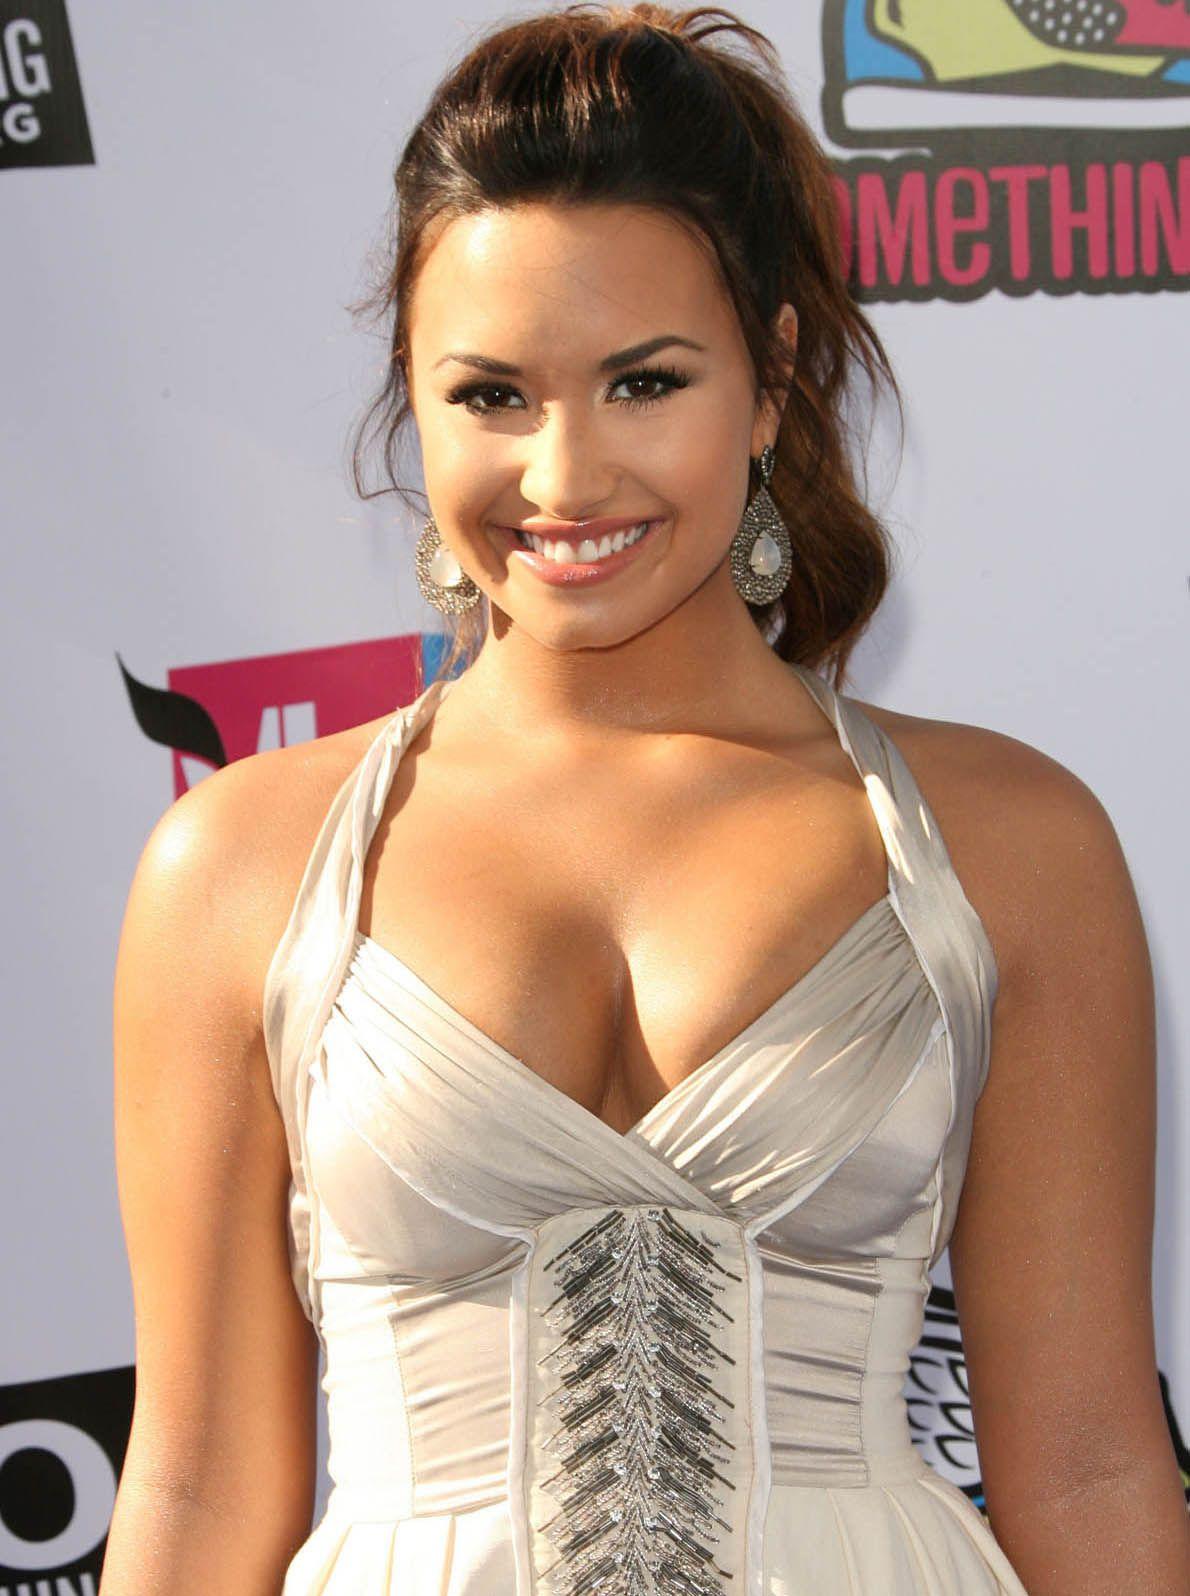 Boobs Demi Lovato nudes (11 photo), Ass, Bikini, Boobs, see through 2018